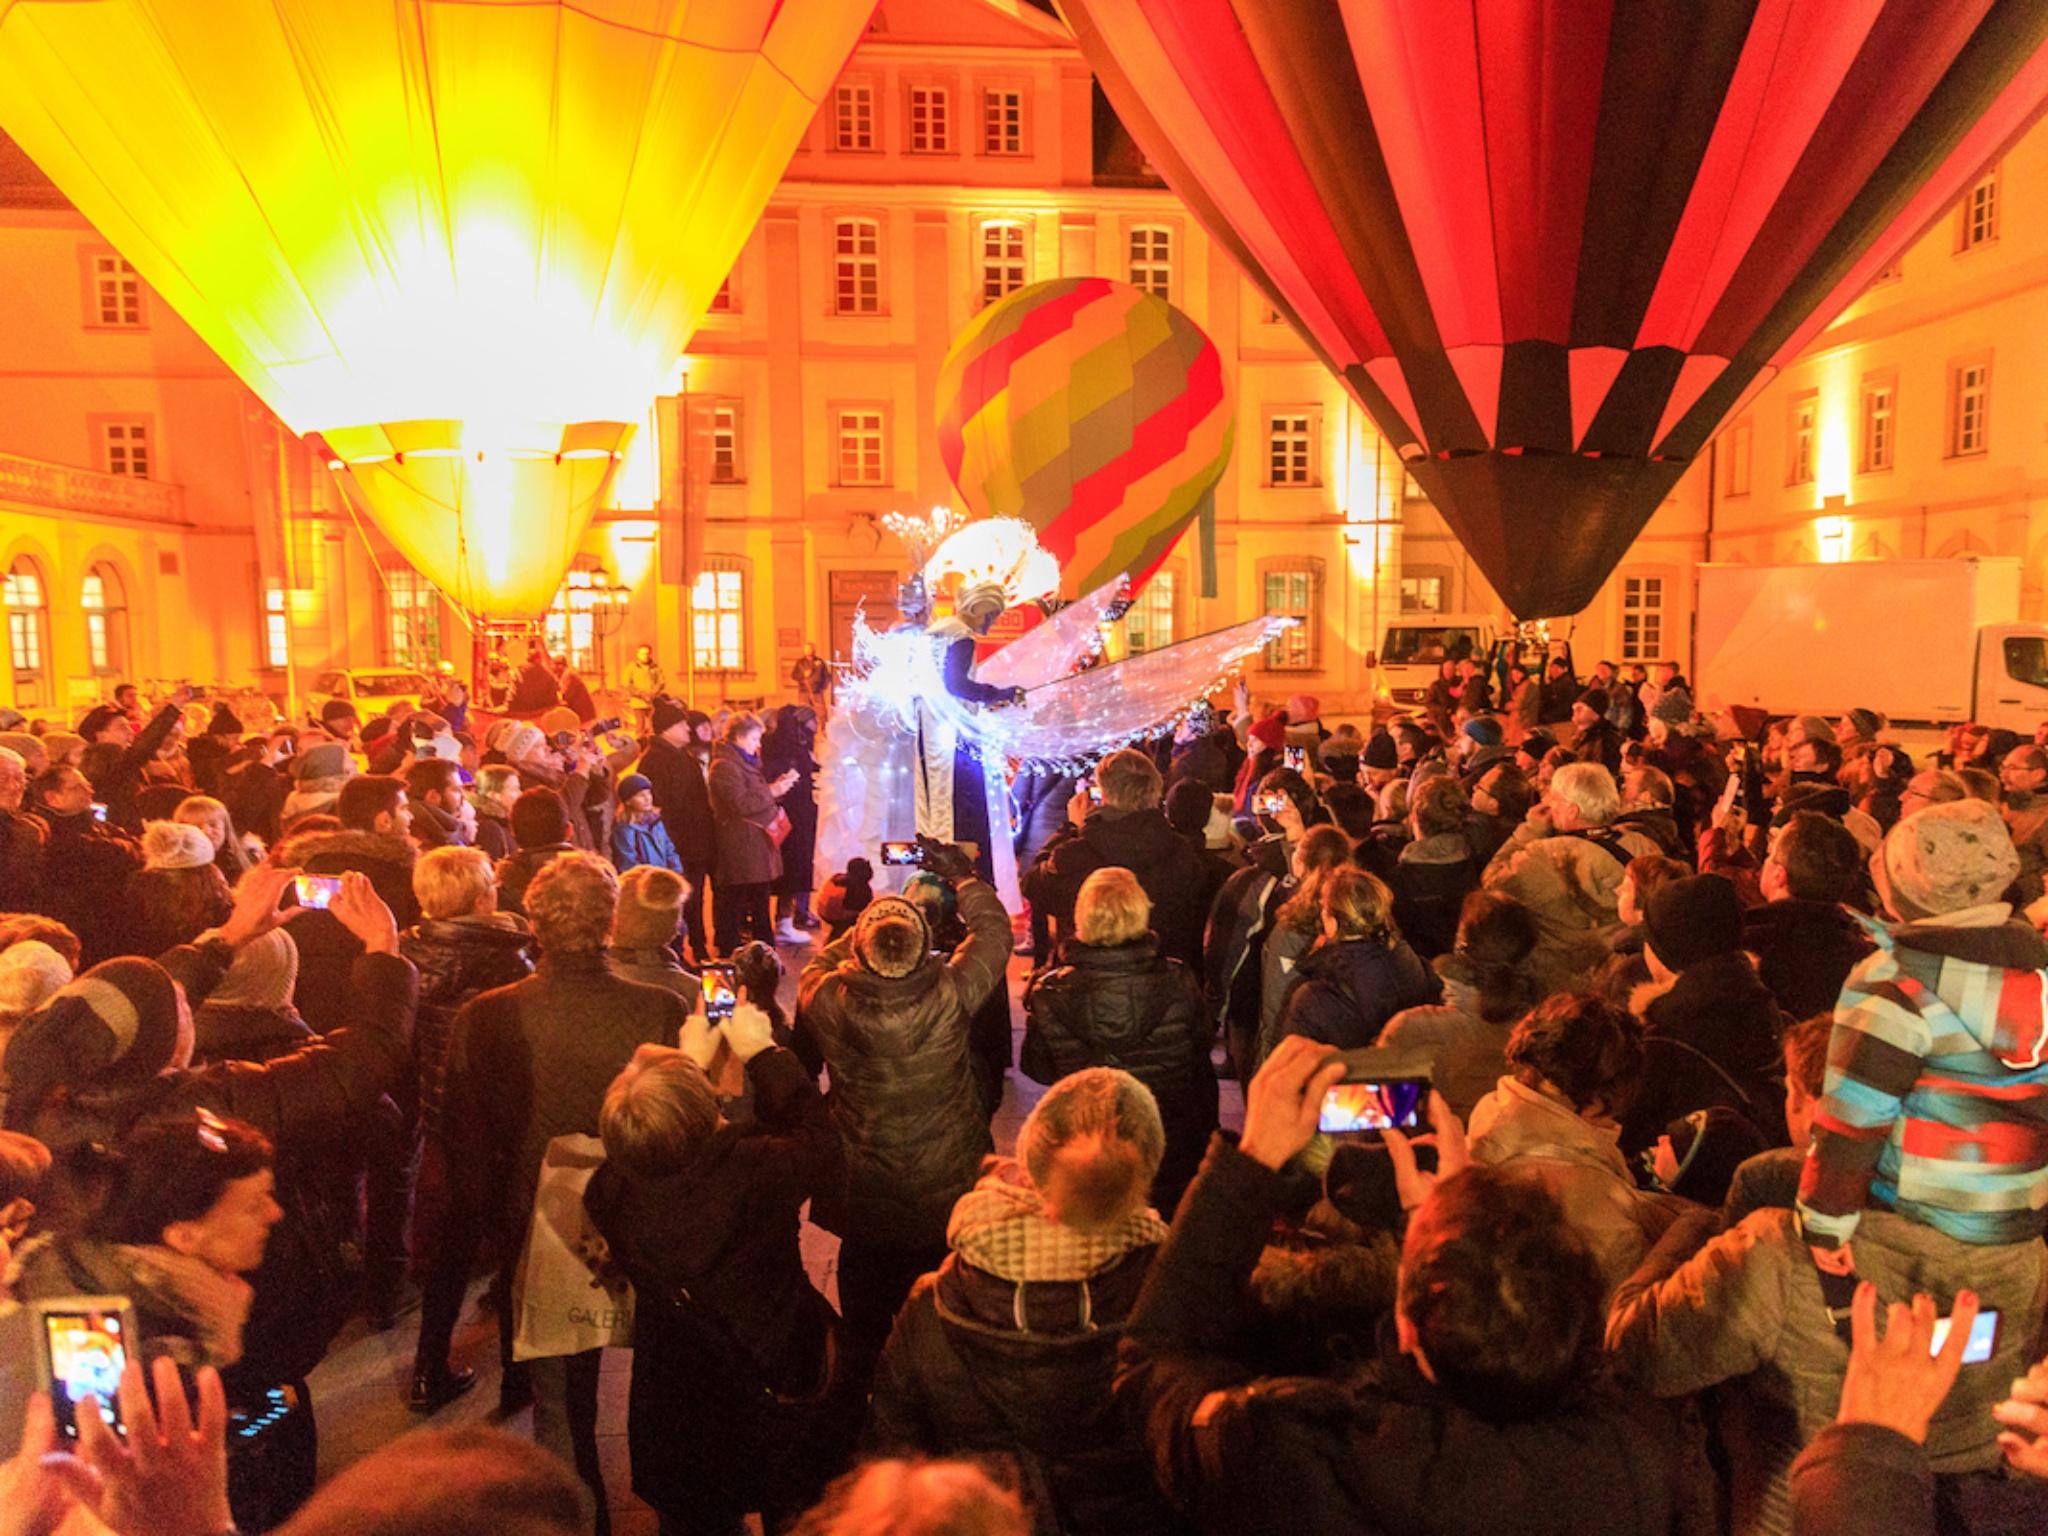 Die Innenstadt hell erleuchtet. Foto: Würzburg, macht Spaß